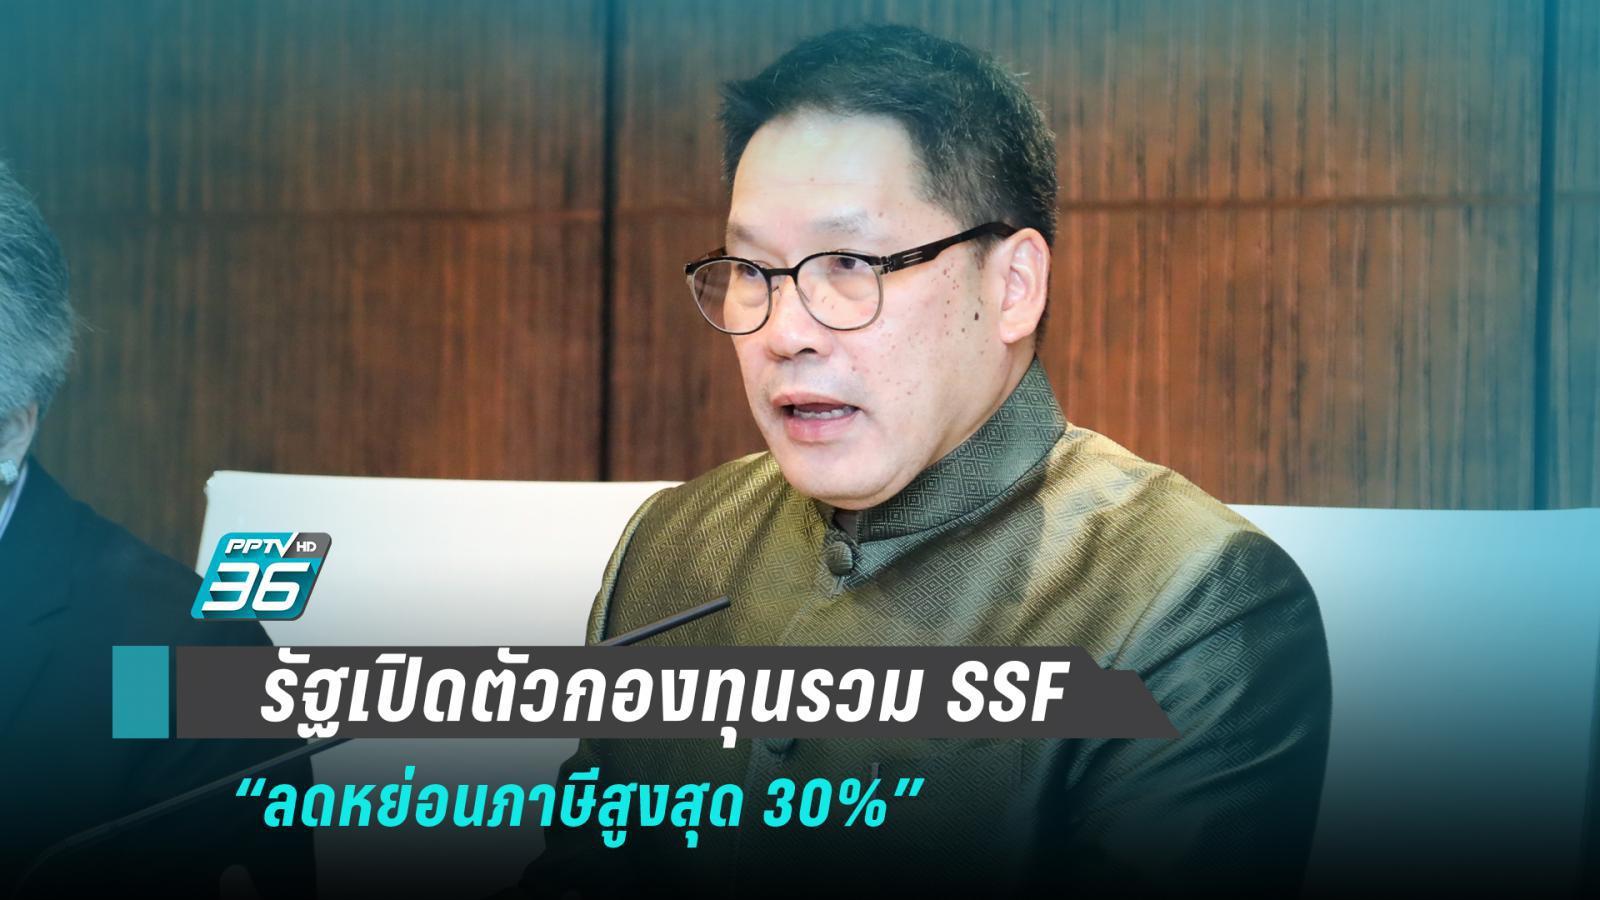 """รัฐบาล ตั้งกองทุนเพื่อการออมรูปแบบใหม่ """" SSF""""  แทน """"LTF"""" ชูลดหย่อยภาษีสูงสุด 30%"""